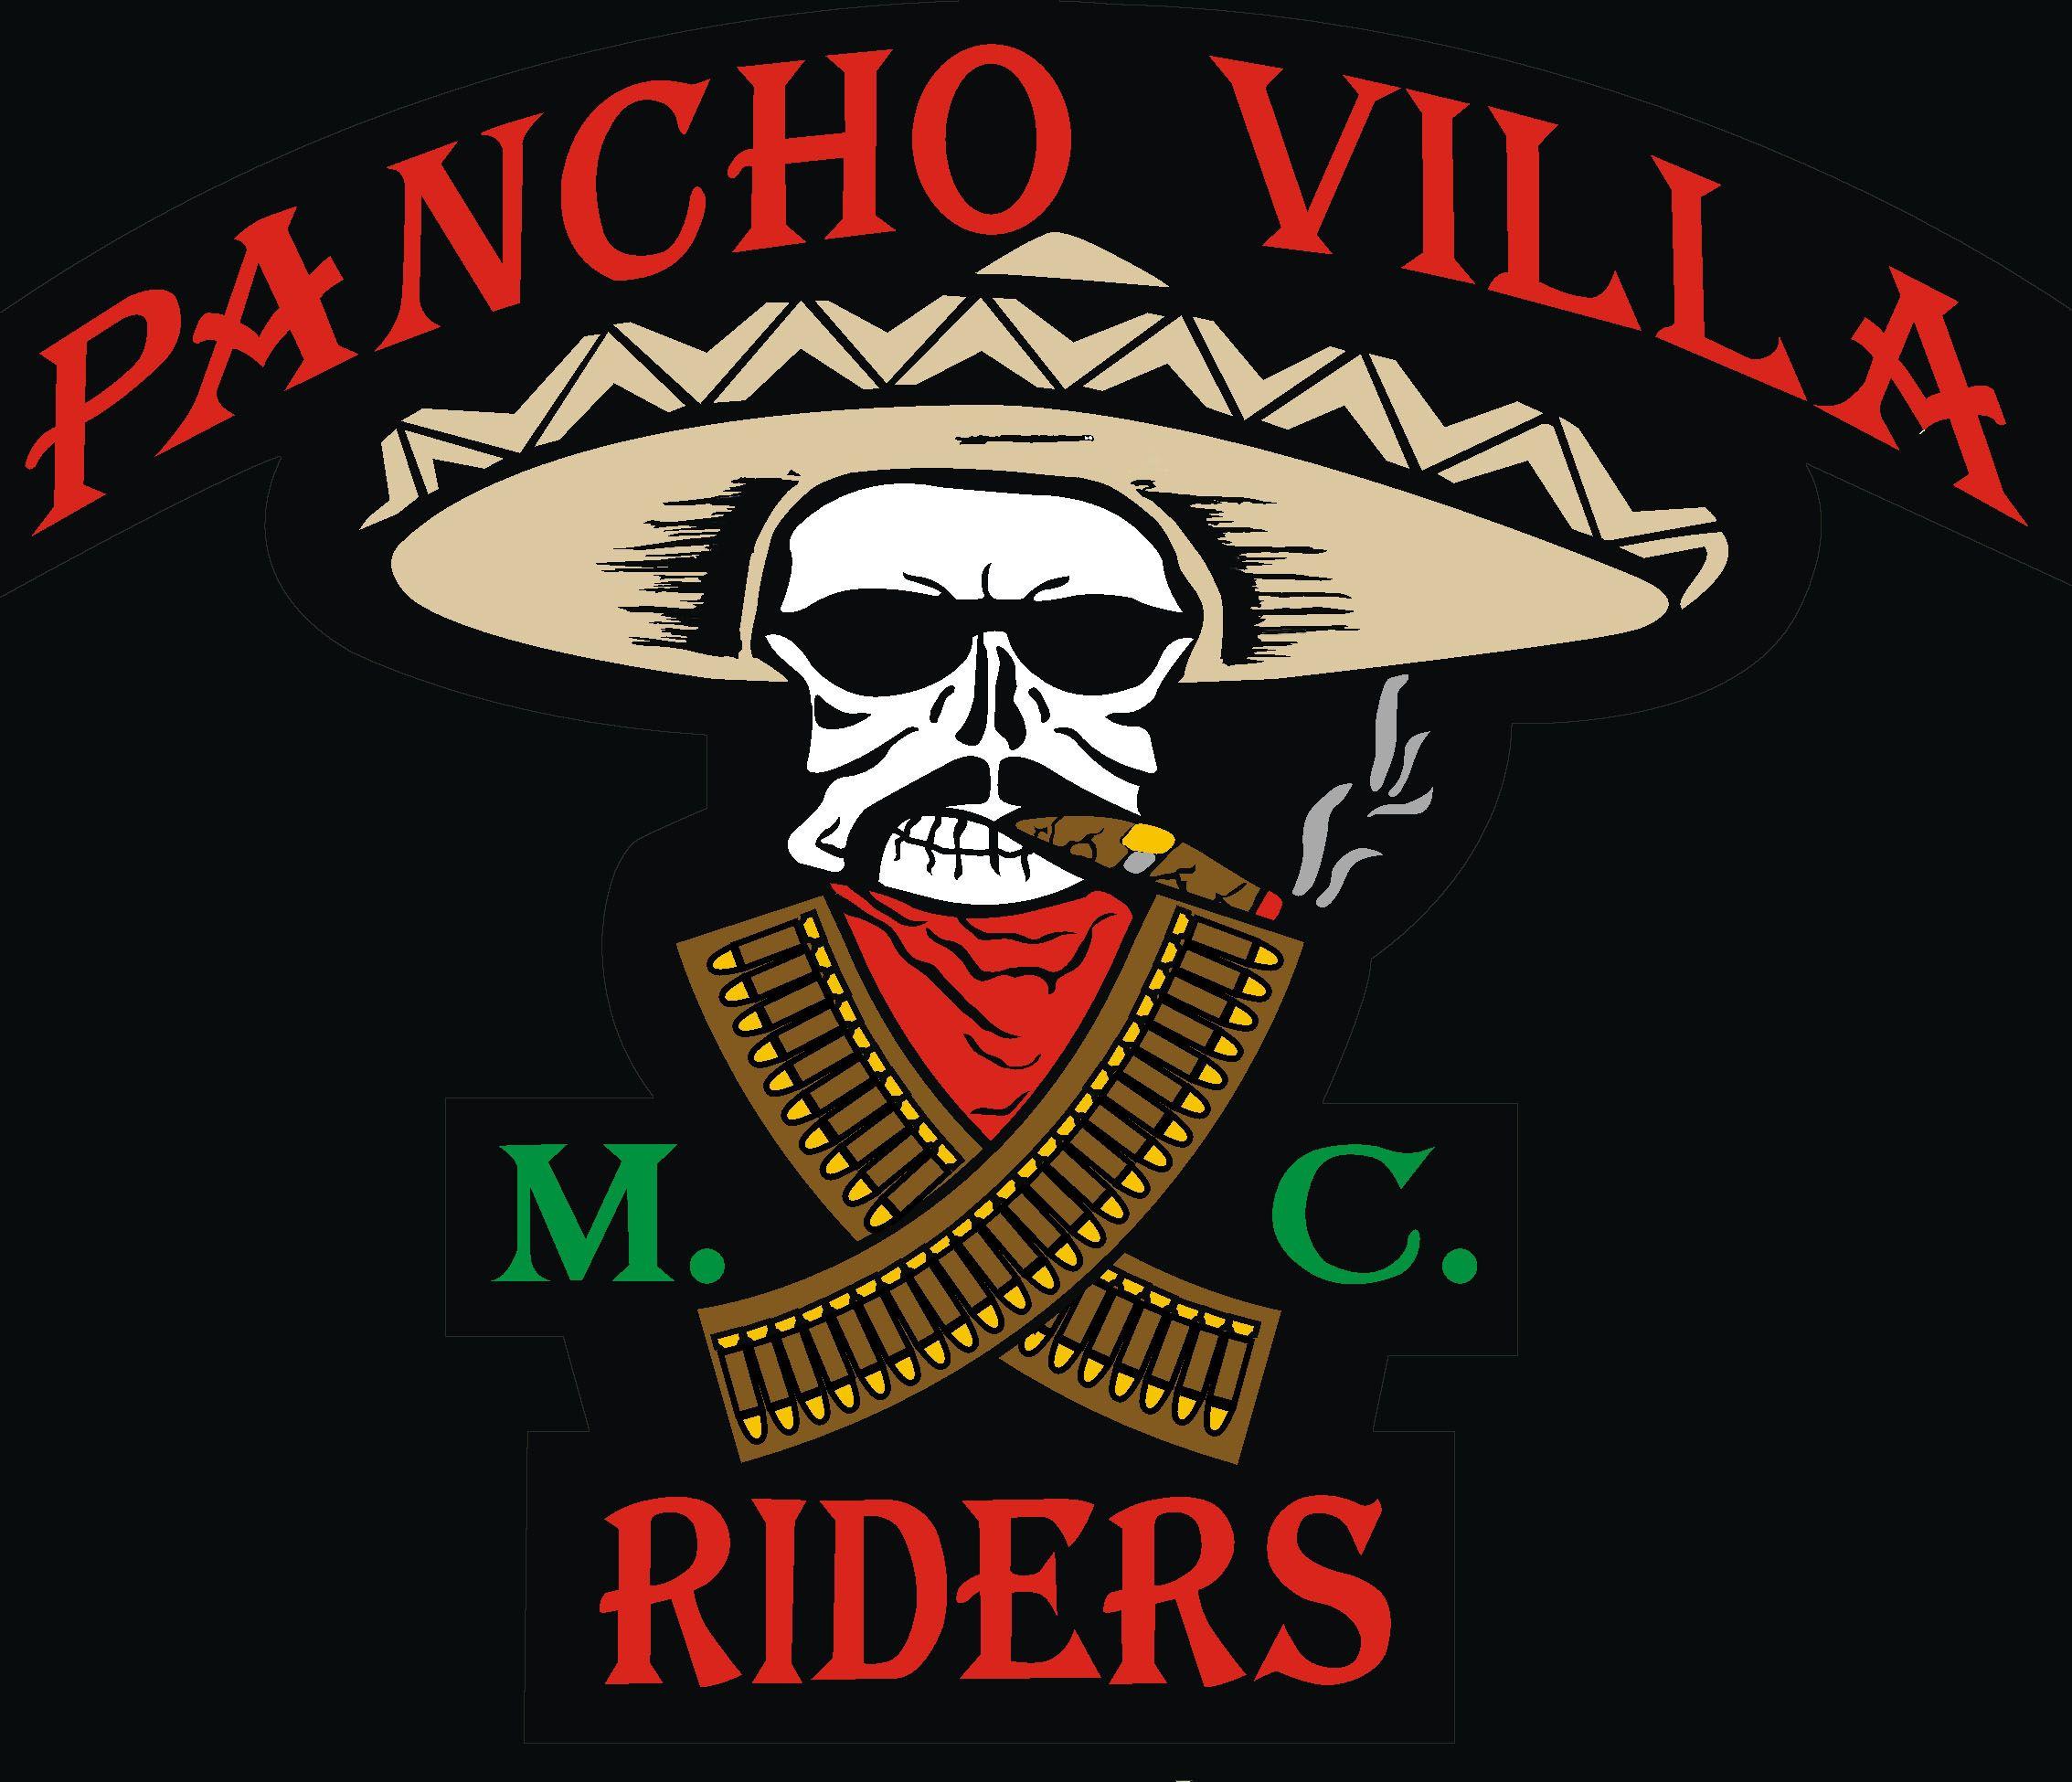 Motorcycle Gang Logo Motorcycle gang logo biker | Bikers ...